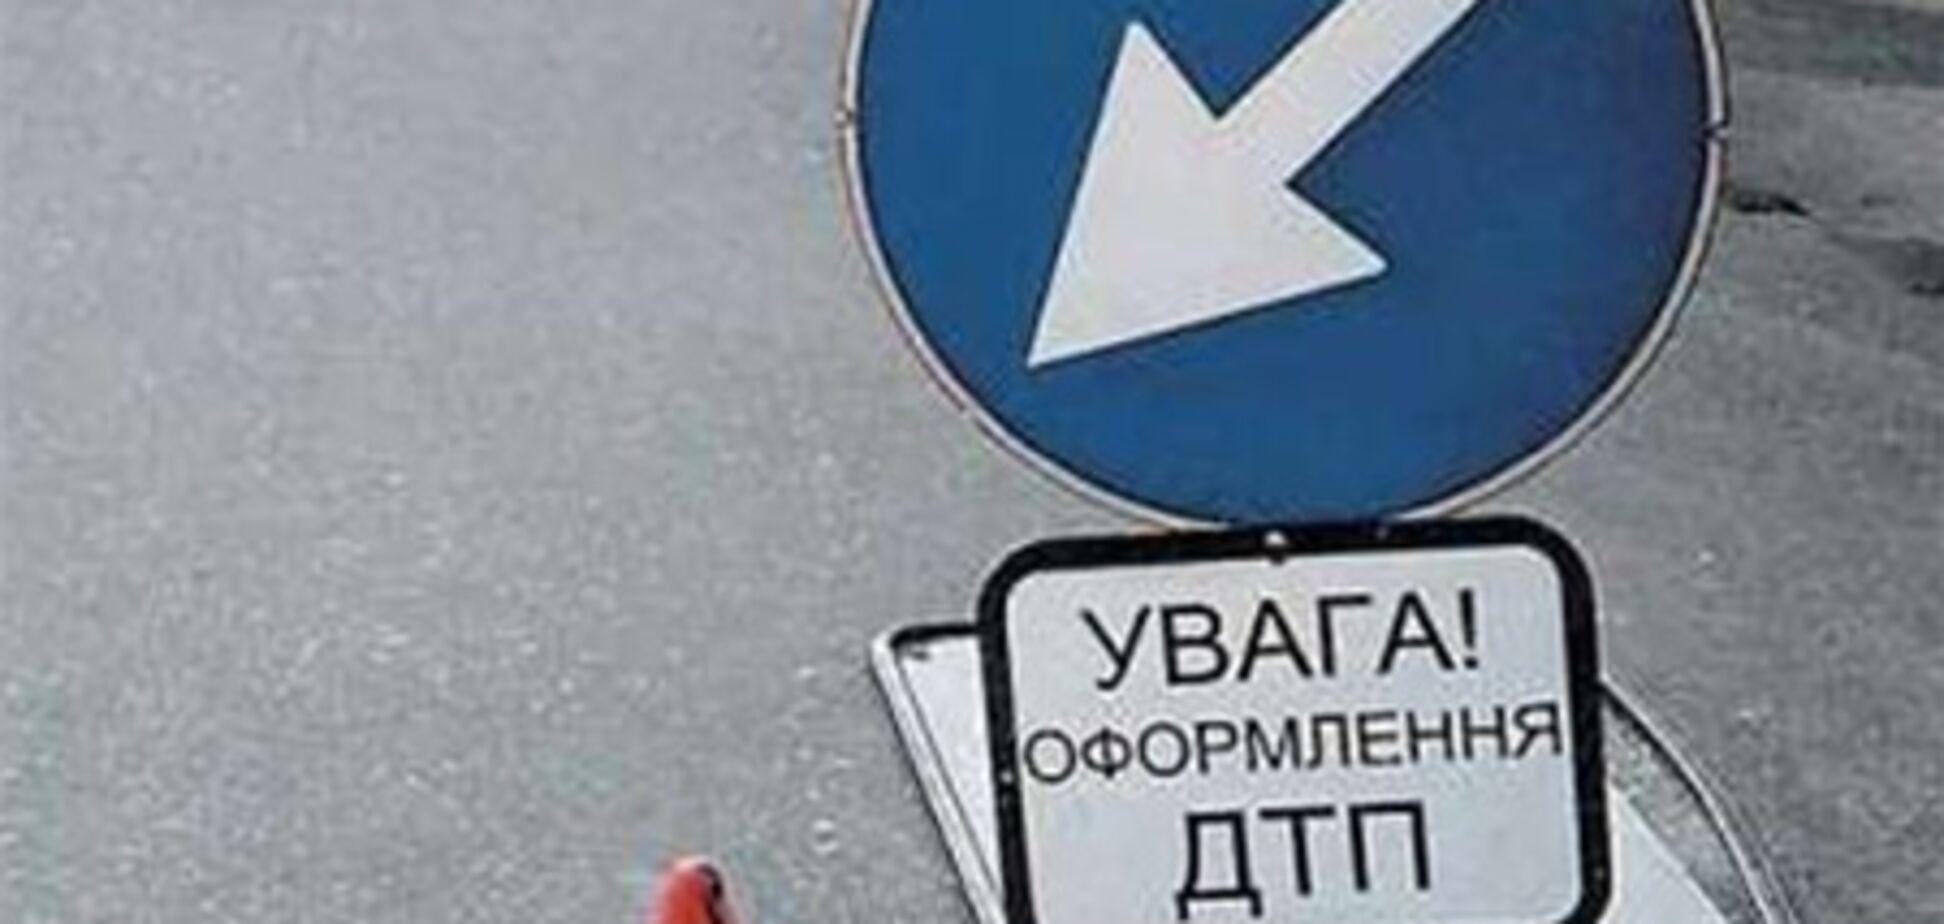 Под Киевом произошла трагедия: погибли два человека